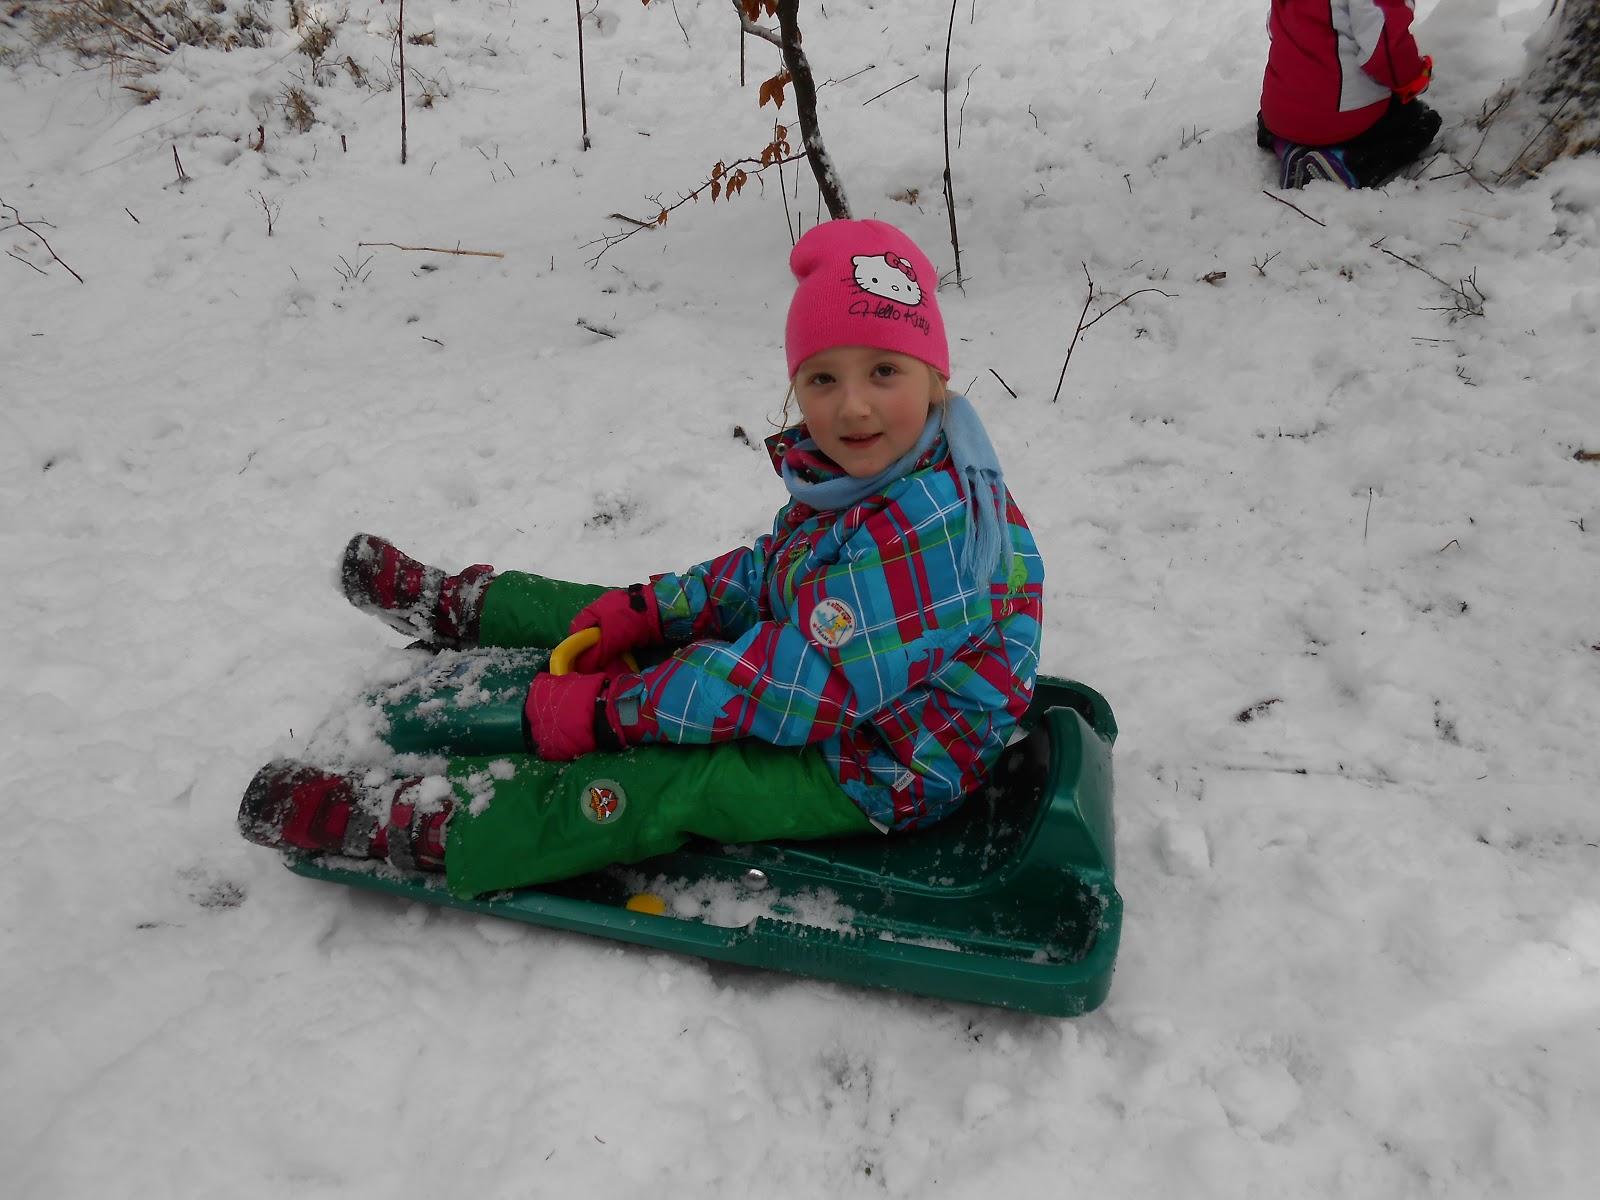 MČ zimovanje, Črni dol, 12.-13. februar 2016 - DSCN5006.JPG